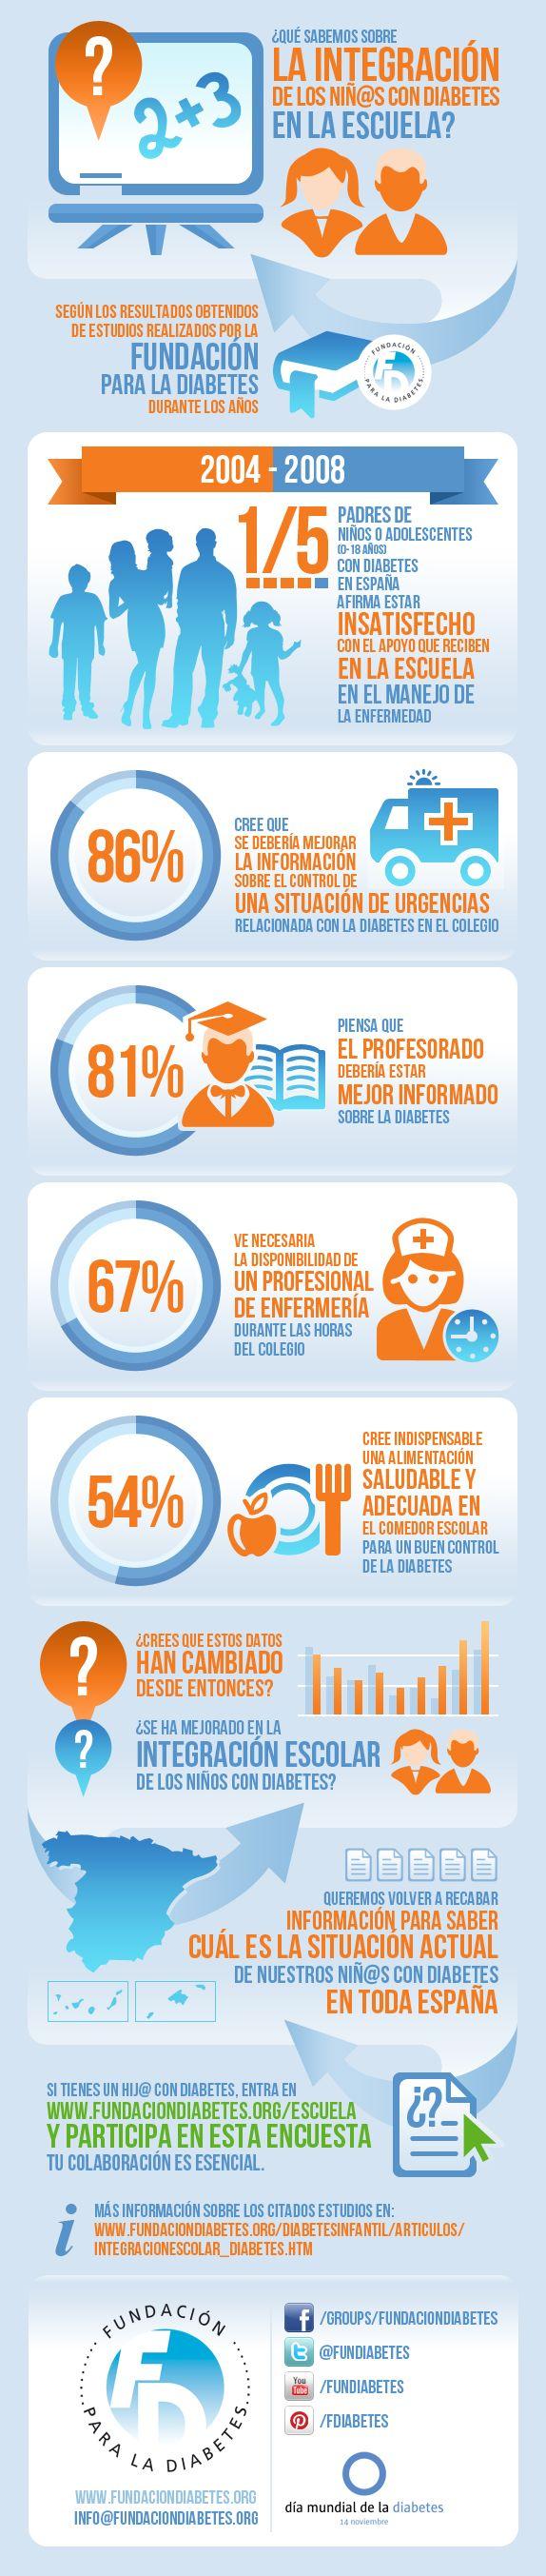 Infografía sobre la integración de los niños con diabetes en la escuela.